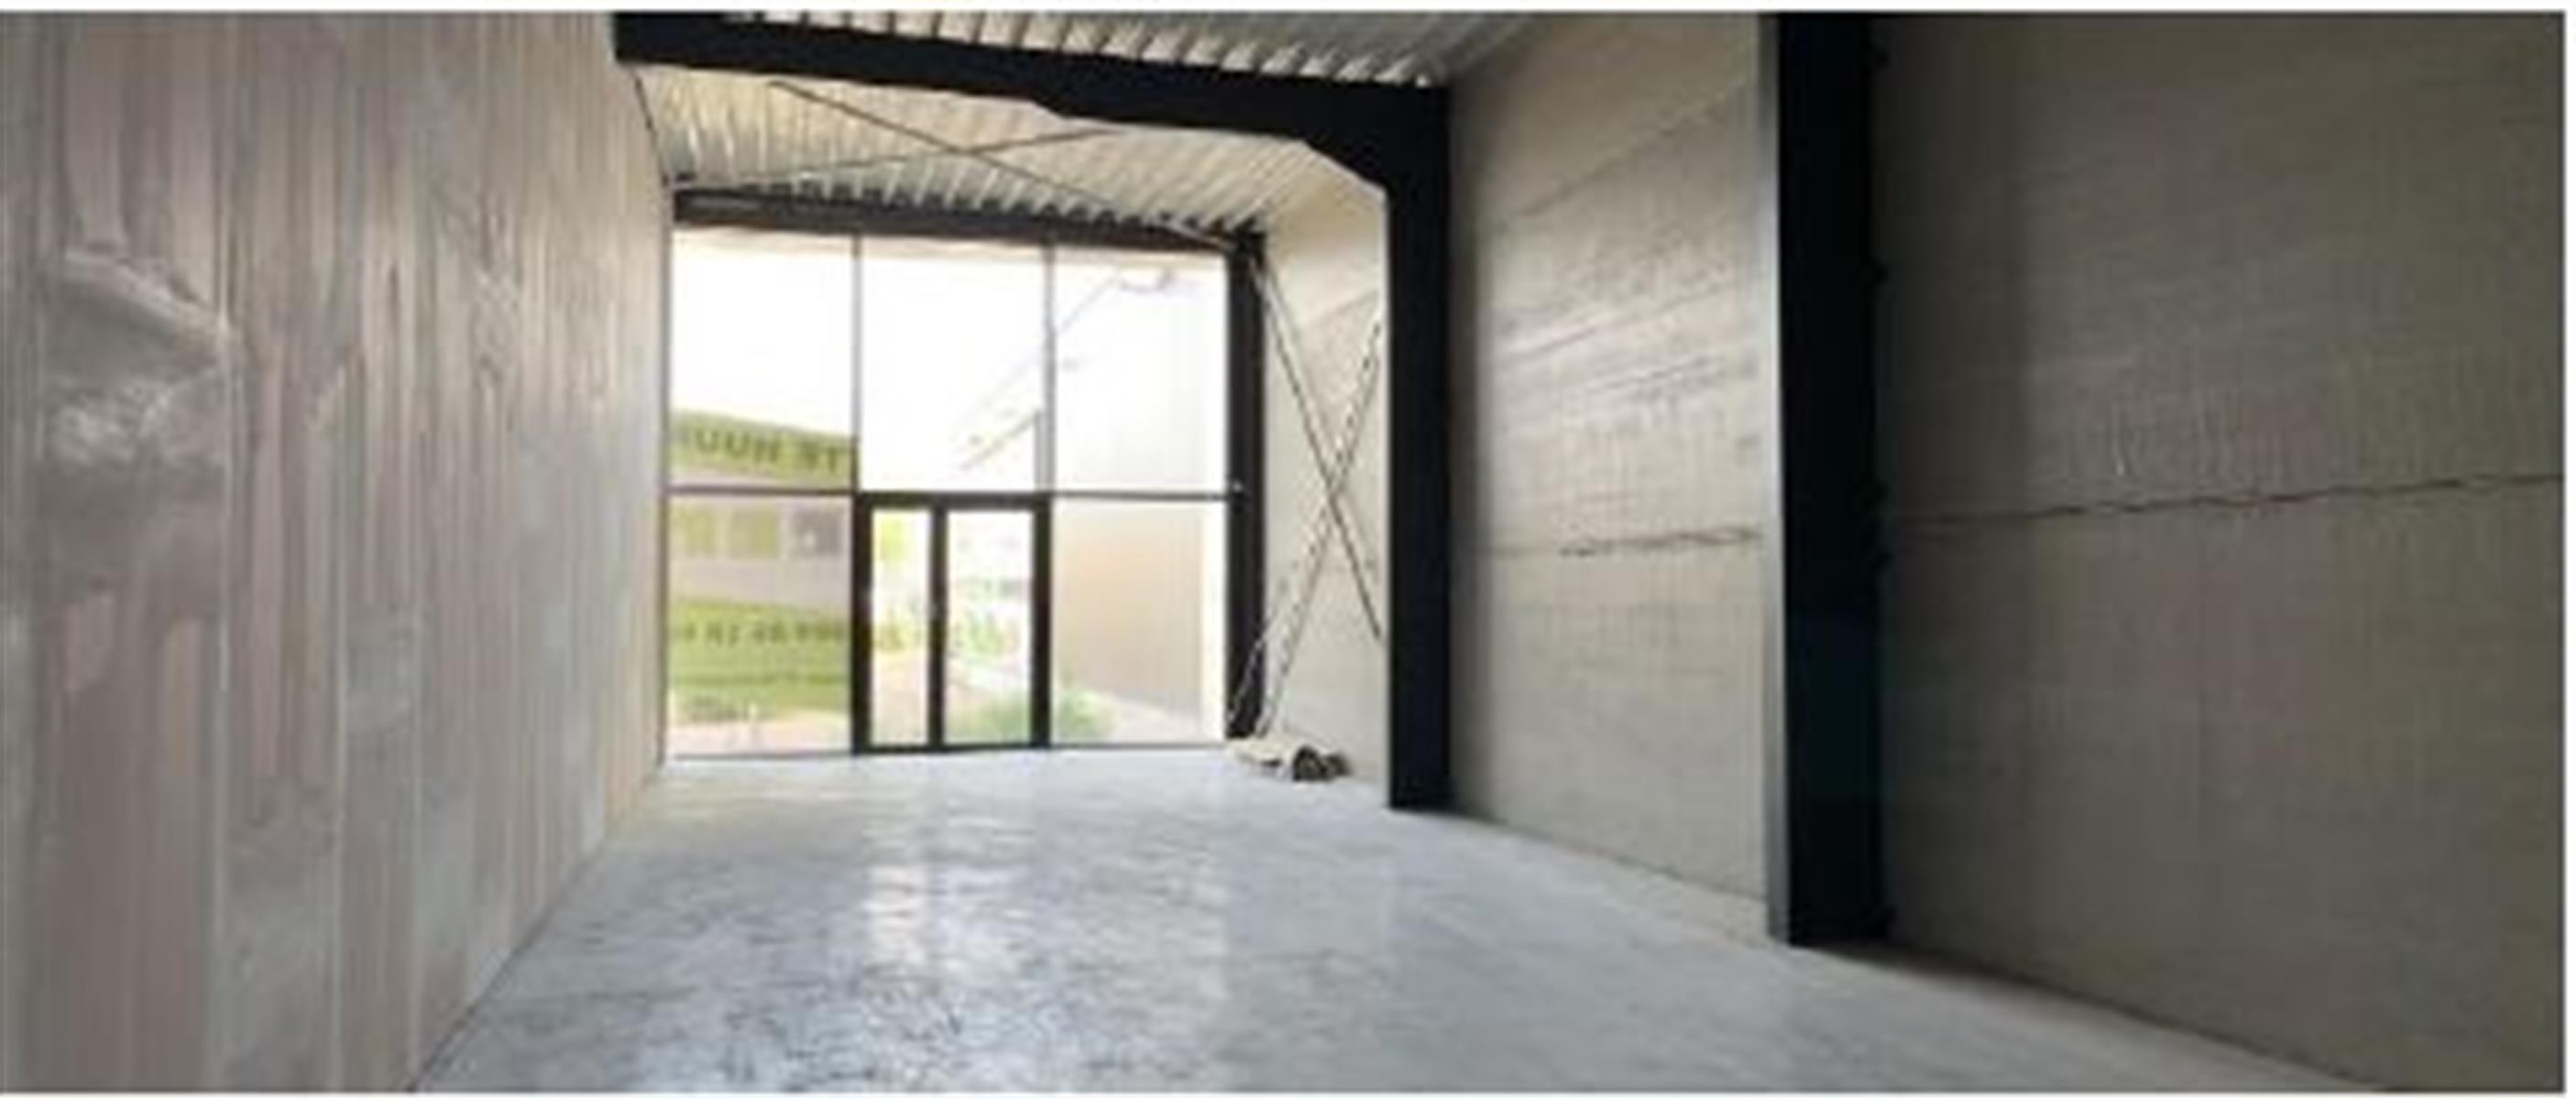 opslagplaats te huur Opslagruimte Handelsruimte Te Huur - 3630 Maasmechelen, België 5